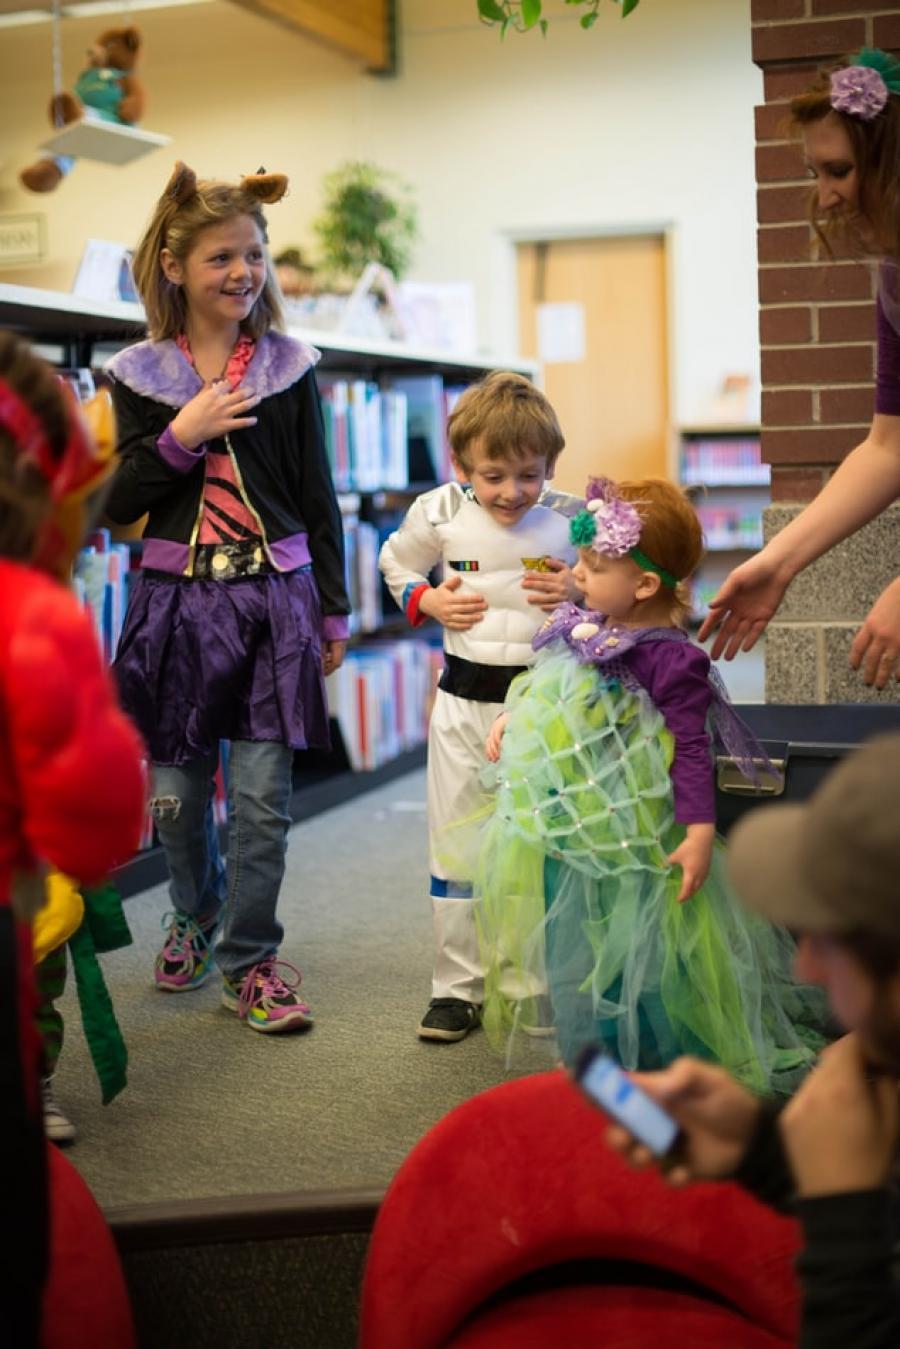 Børn med udklædning